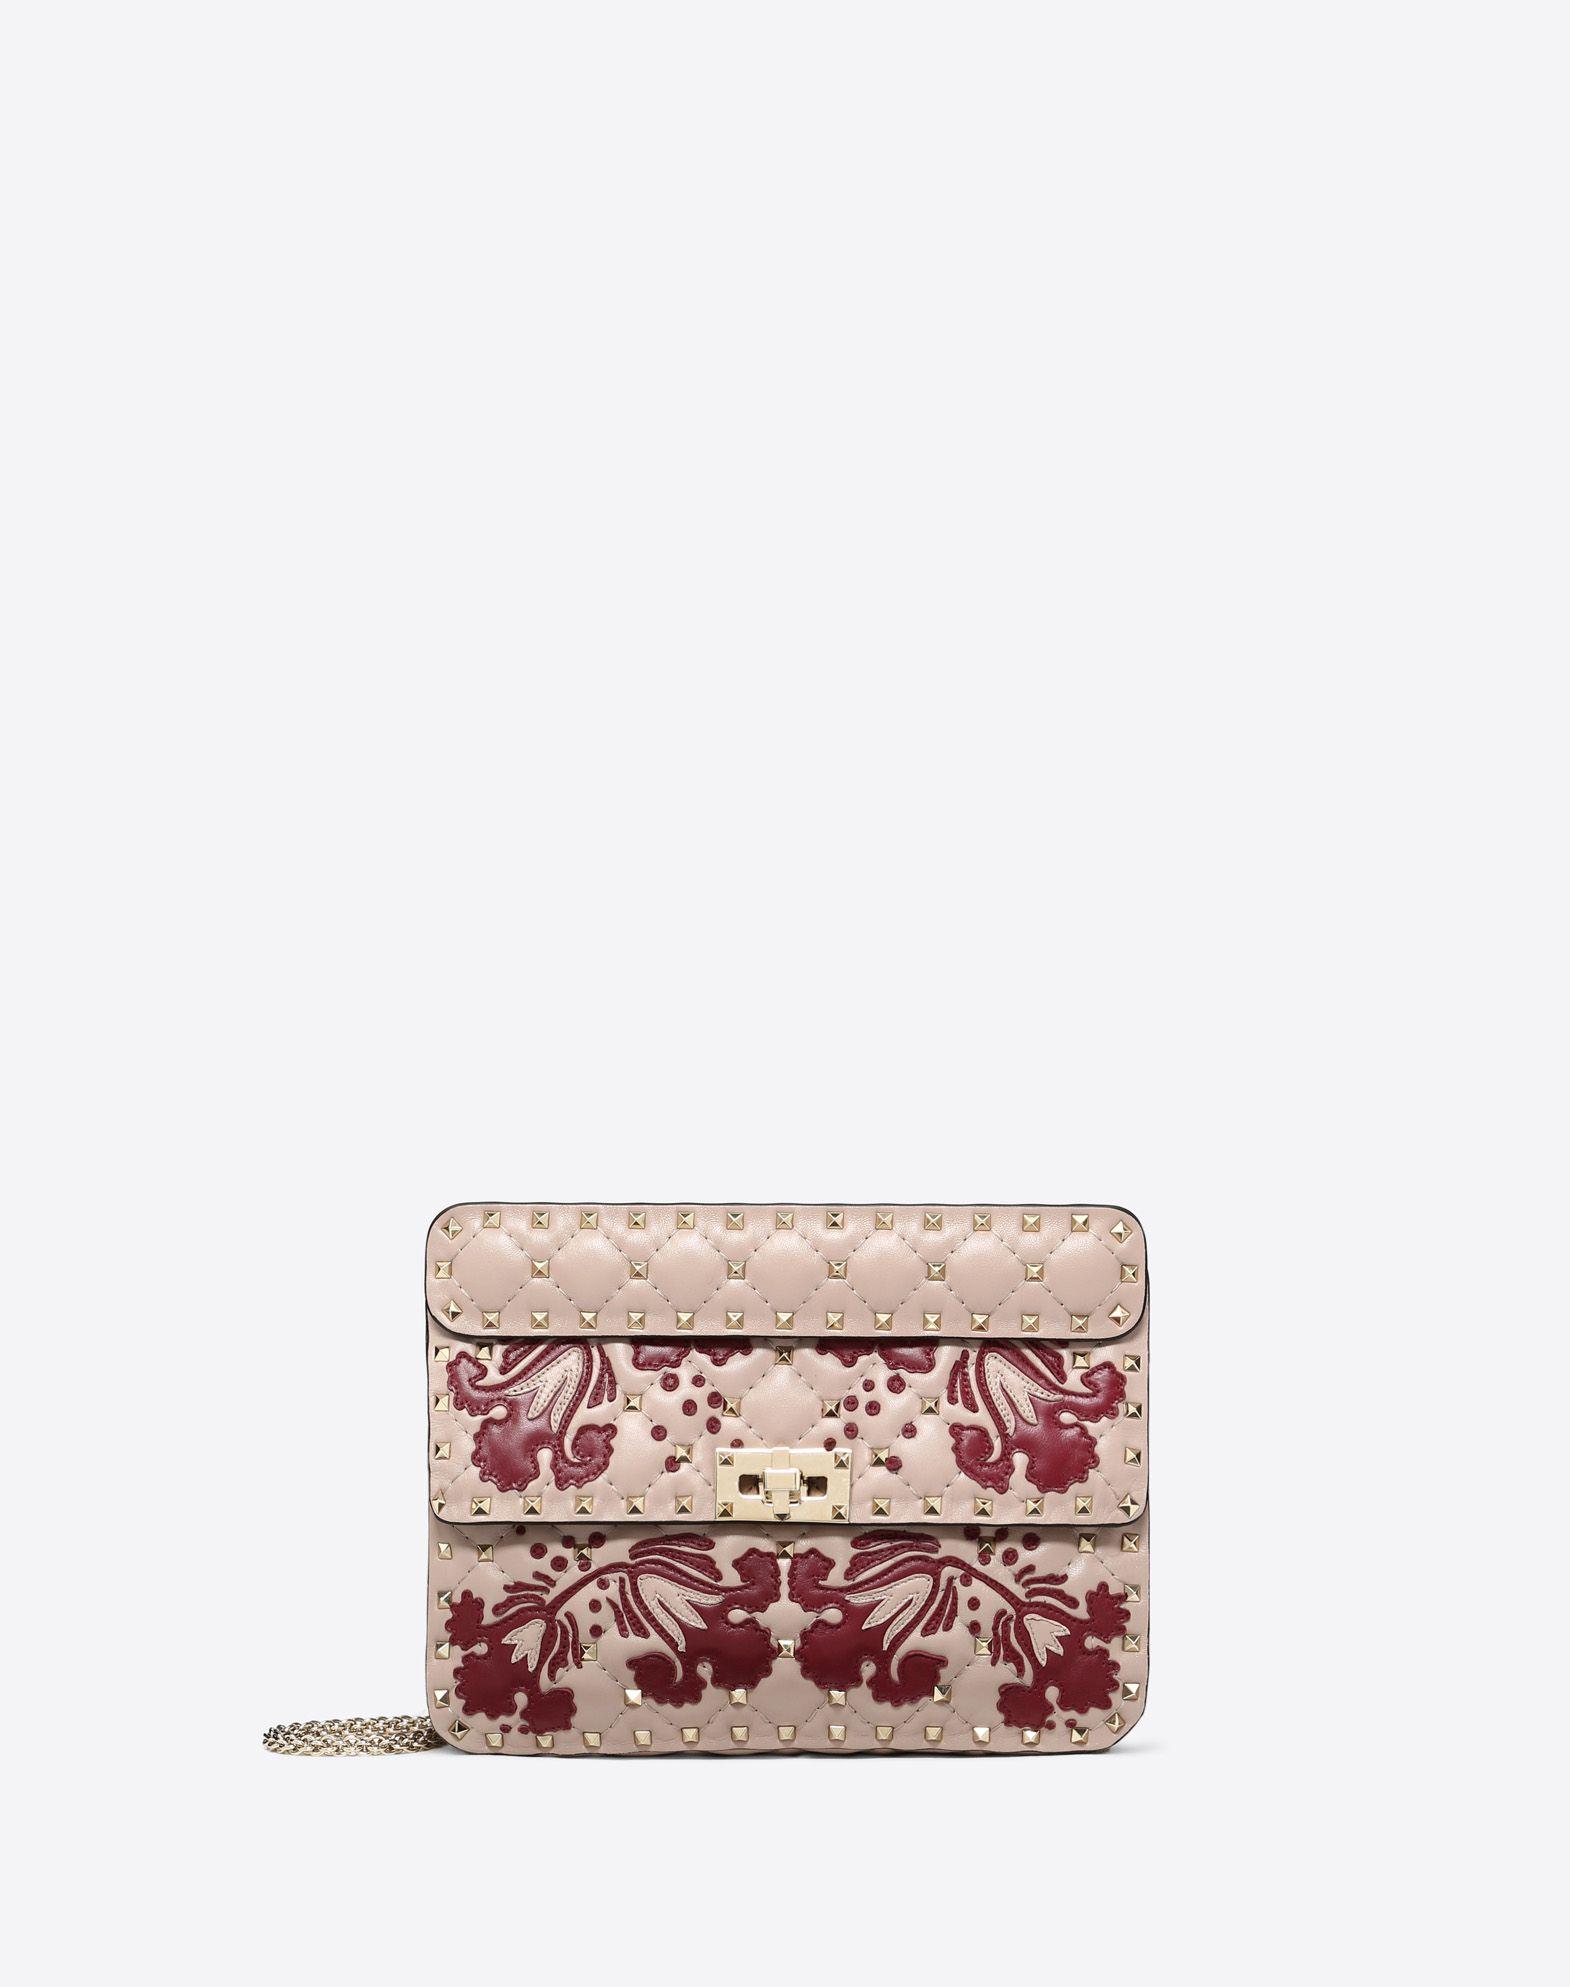 Medium Rockstud Spike.It Bag with Flower Intarsia